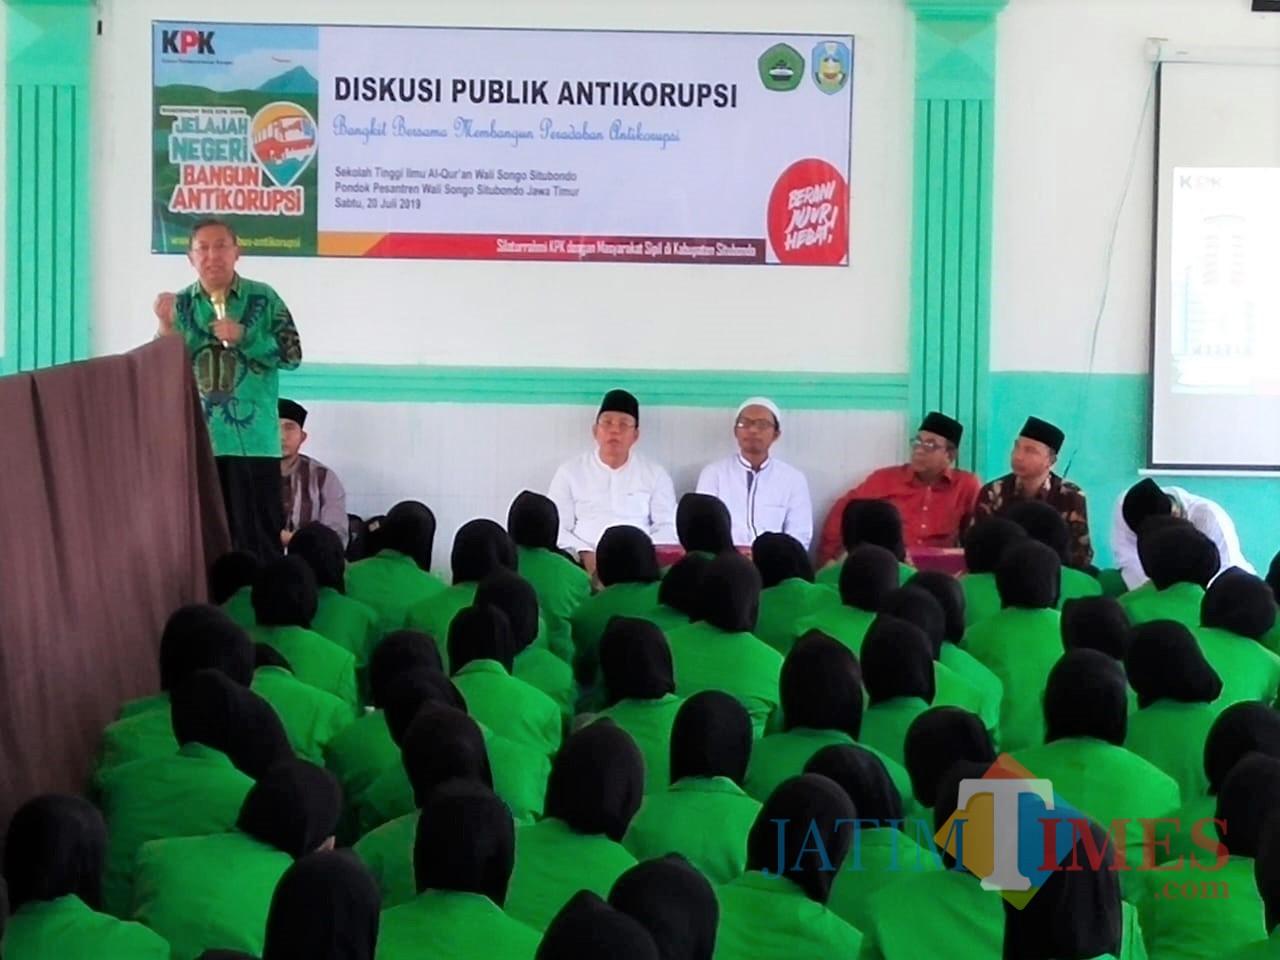 Penasehat KPK baju Batik hijau saat melakukan Diskusi Publik bersama mahasiswa-mahasiswi Pondes Wali Songo (Foto Heru Hartanto / Situbondo TIMES)